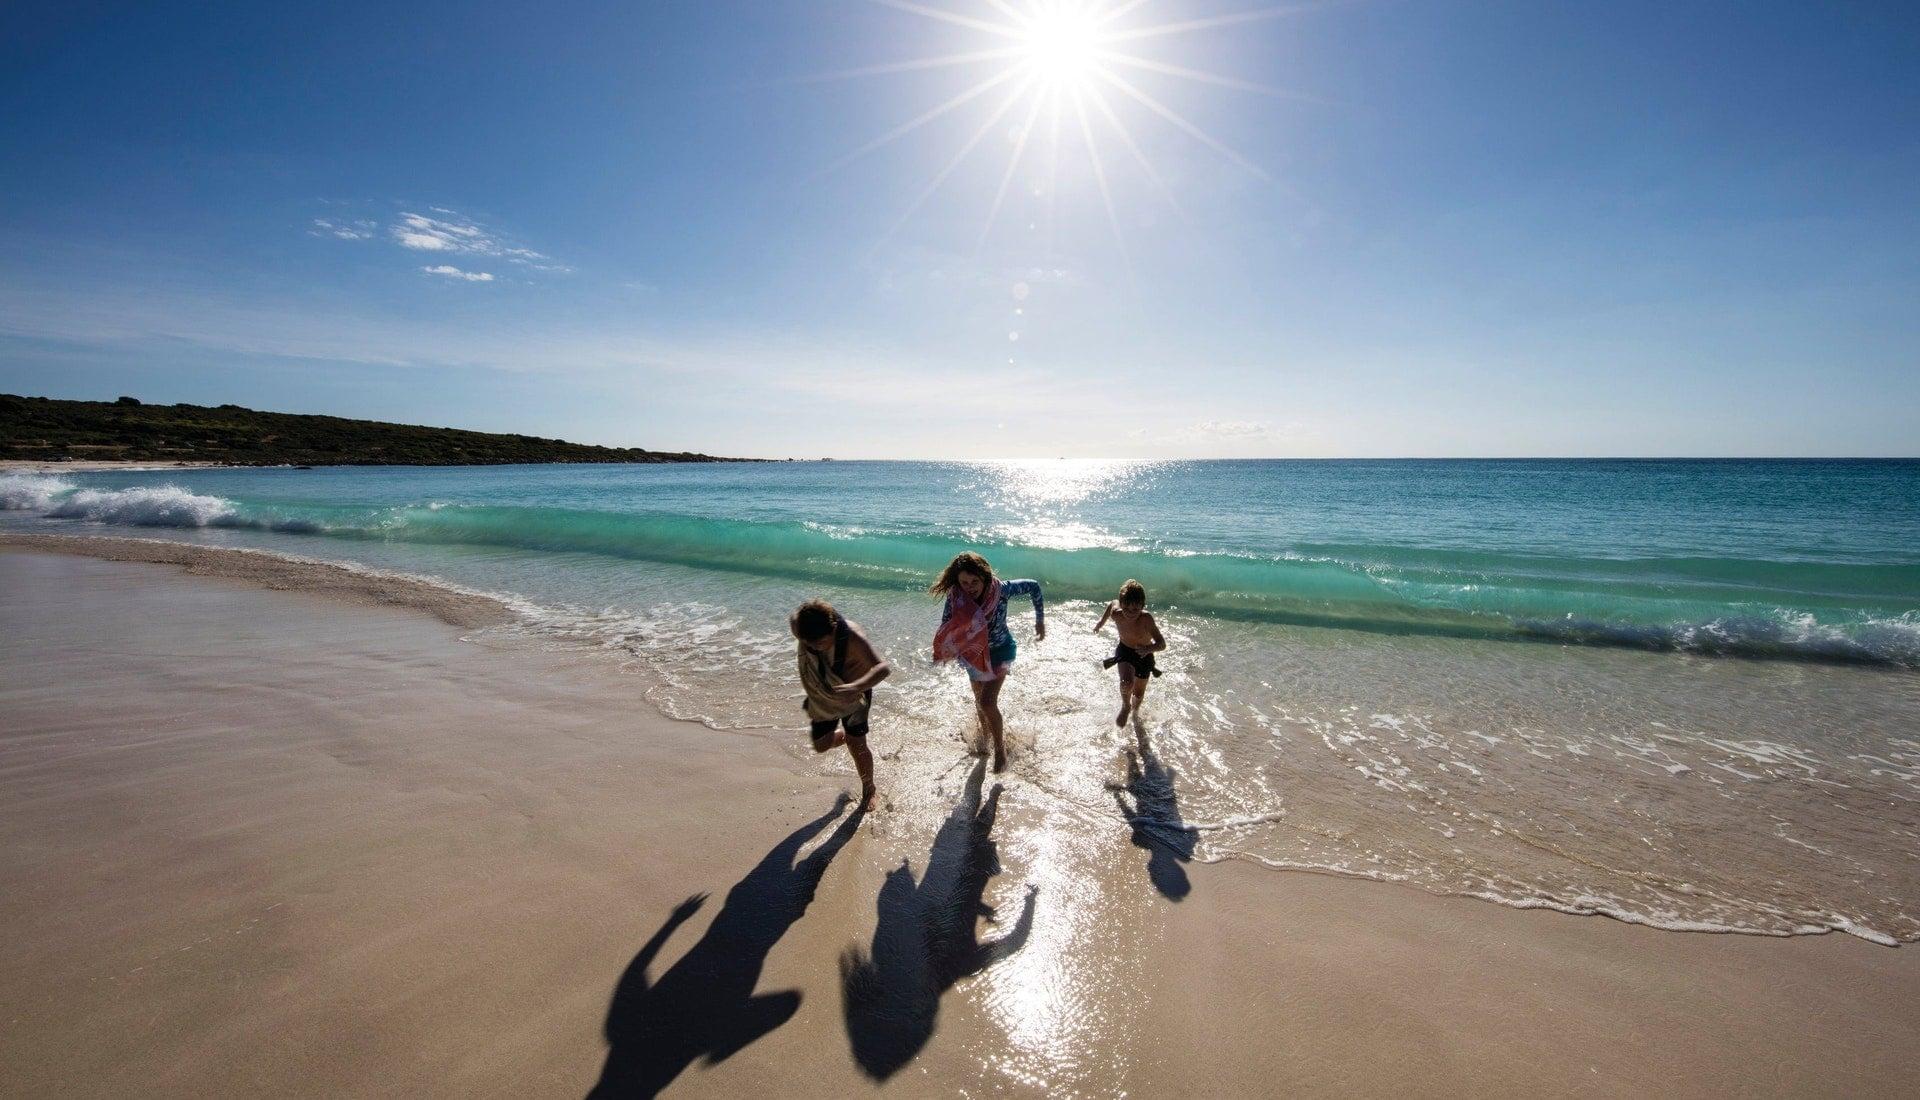 Smiths Beach, Yallingup Tourism Western Australia Red Dirt 4WD Rentals